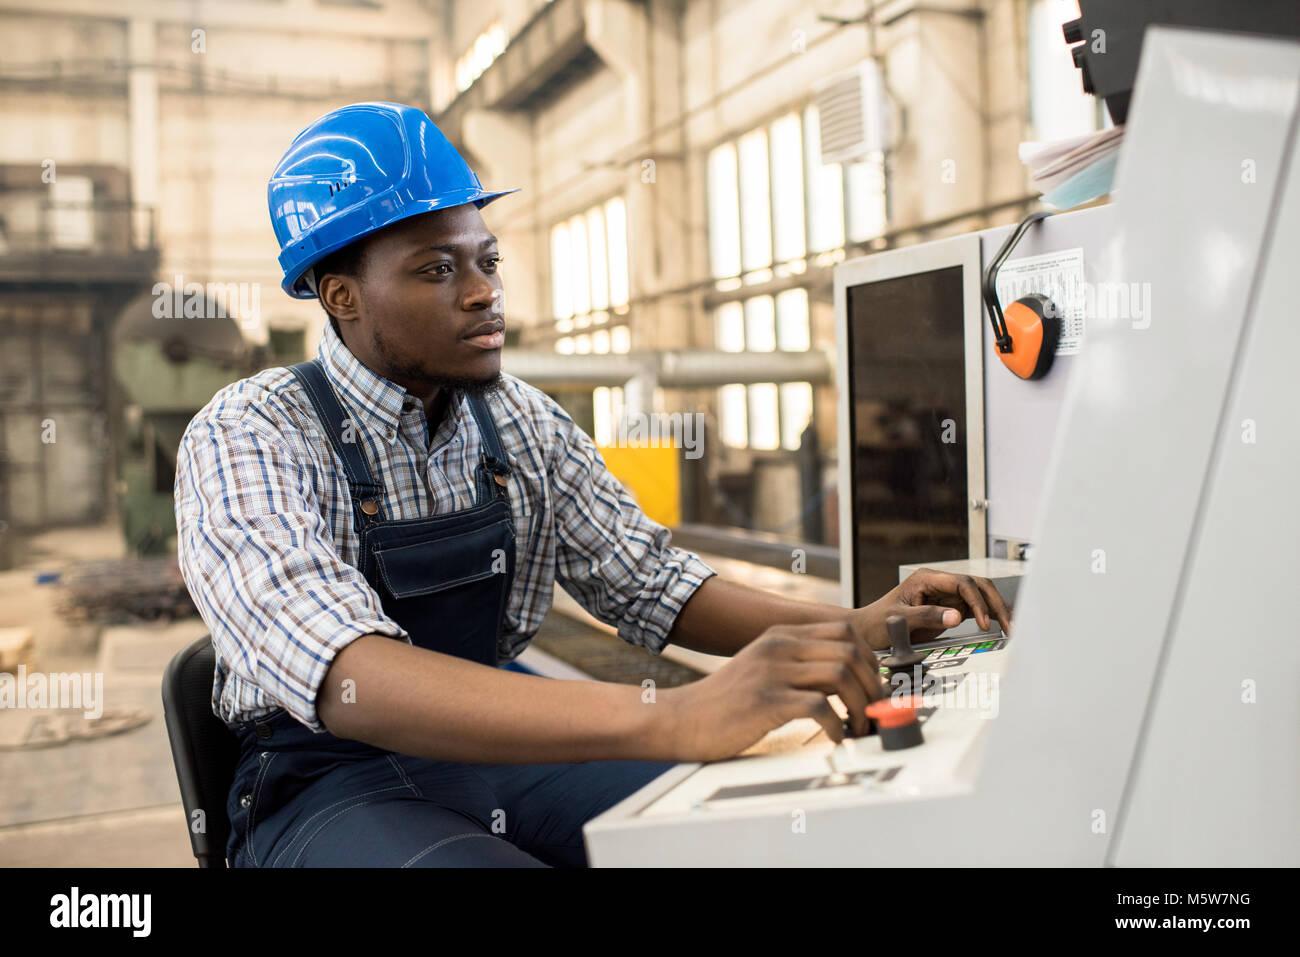 Ritratto altamente professionale Lavoratore che indossa maglietta controllati e in generale il funzionamento della Immagini Stock